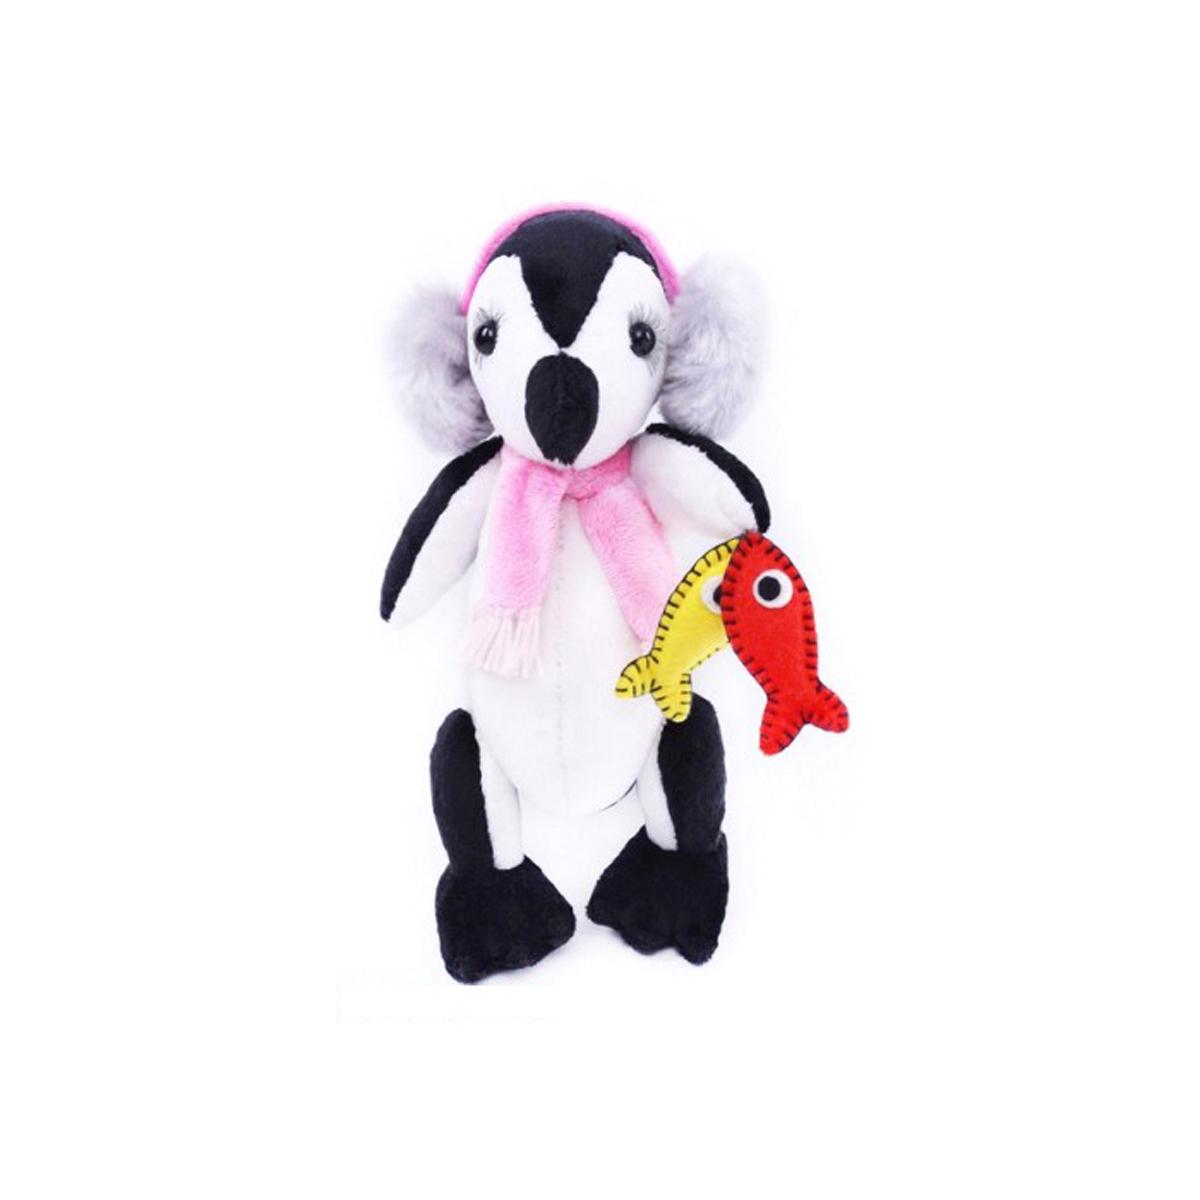 Набор для шитья игрушек Мехомания Пингвин-рыболов, 25 см. ММ-021582453Набор Мехомания содержит необходимые материалы для изготовления игрушки из меха: - материалы для шитья: мех, подвижные крепления, глазки, ресницы, шерсть для вышивки носа. Ткань, подвеска или кружево для аксессуара. - выкройка и раскладка. - подробный мастер-класс с пошаговой инструкцией по шитью игрушки. - выкройка и мастер-класс для аксессуаров. Дополнительно потребуется: наполнитель, нитки, иголка.